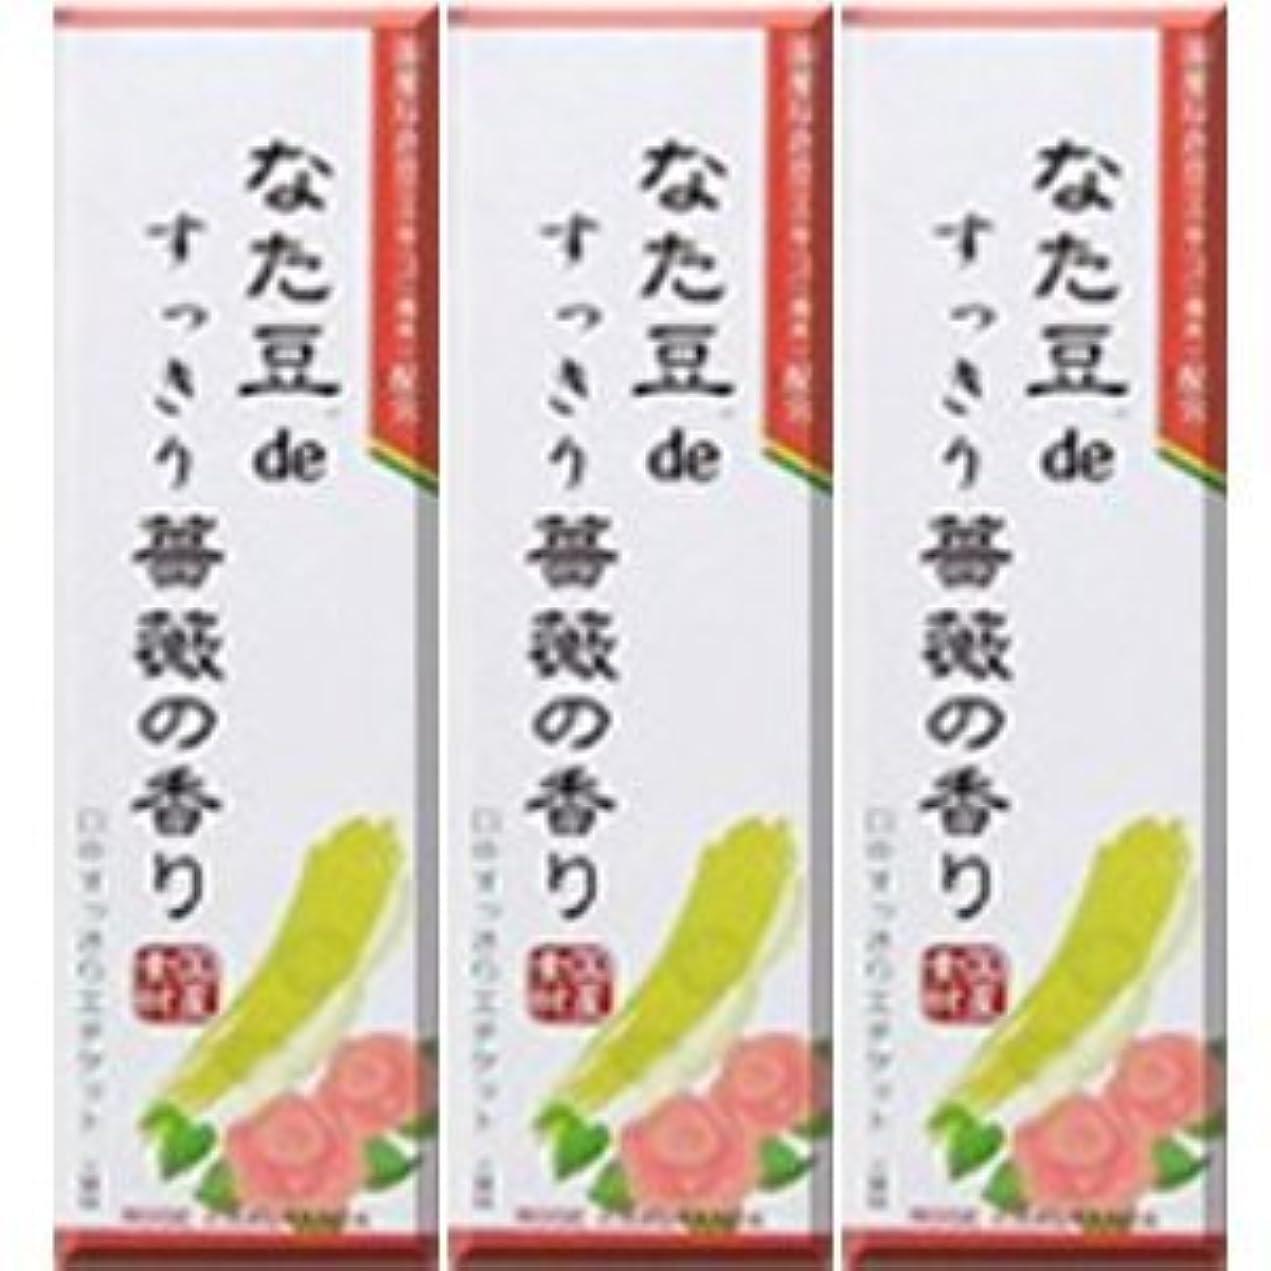 群集欠乏会員なた豆deすっきり薔薇の香り 120gx3個 (4543268071192)